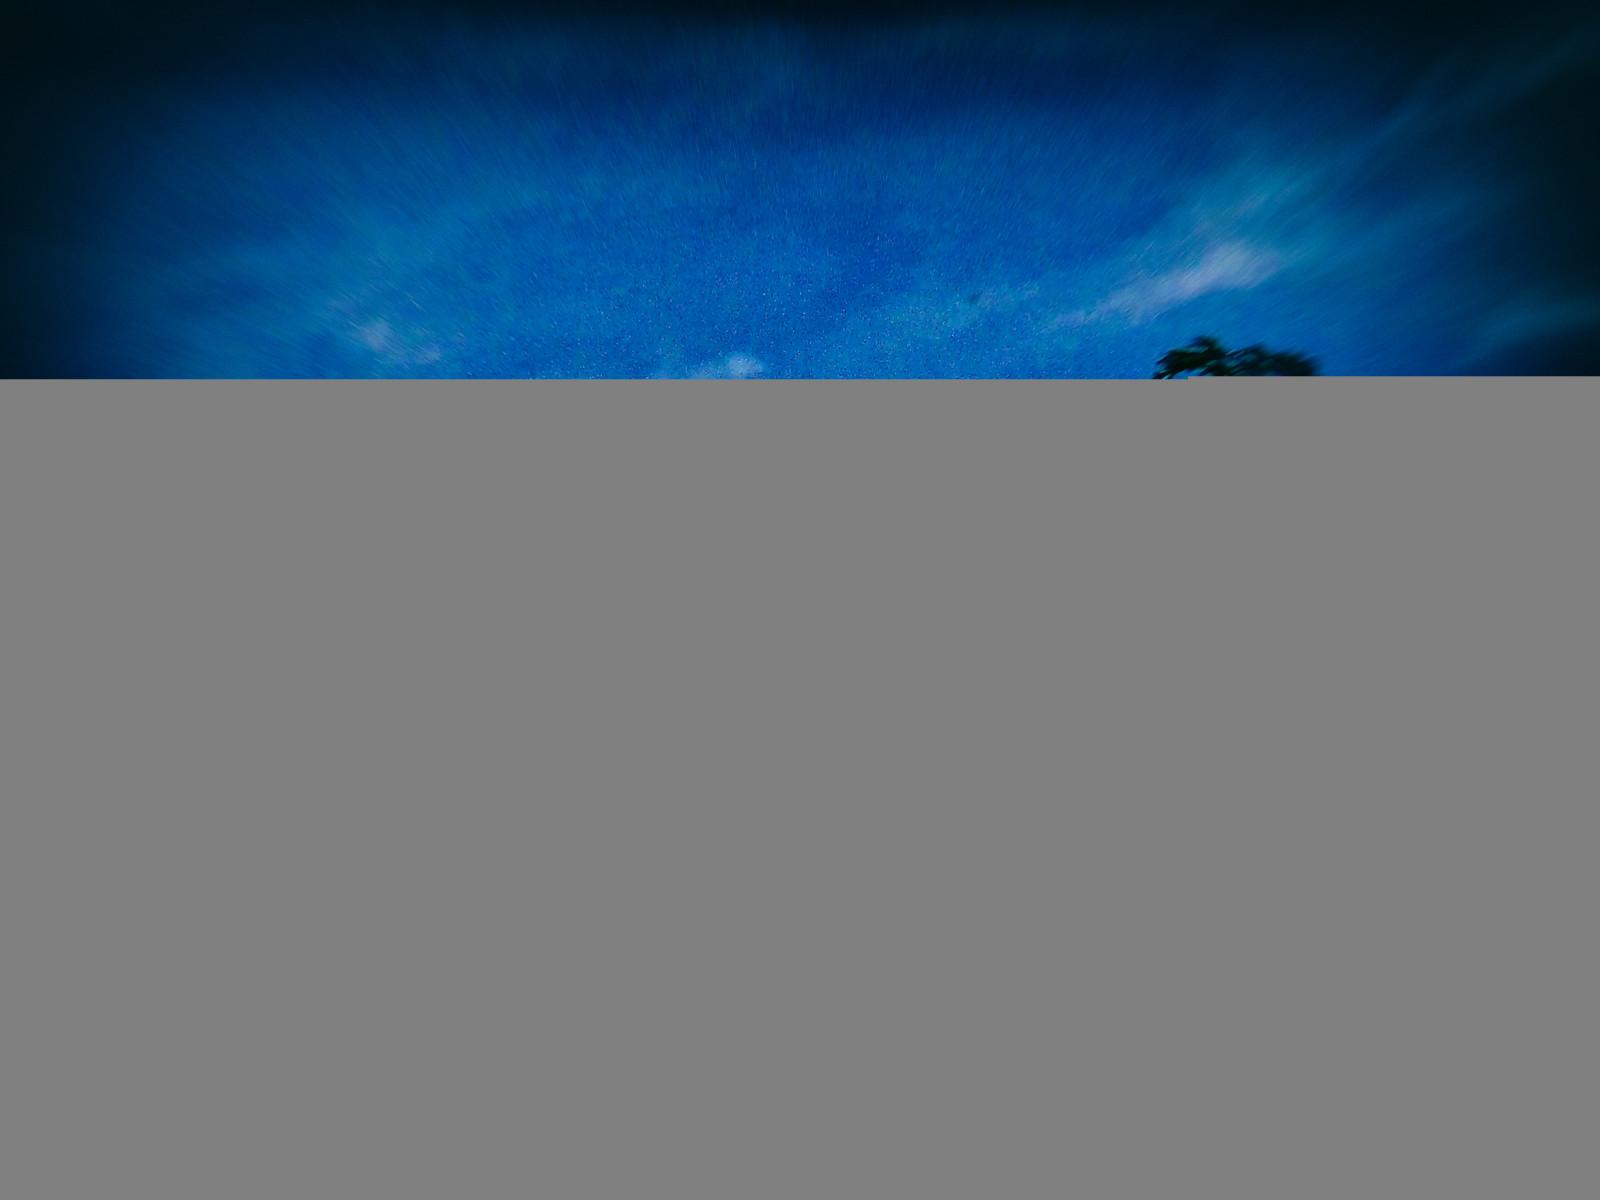 Hintergrundbilder : Schiff, Text, blau, Atmosphäre, Ladung ...